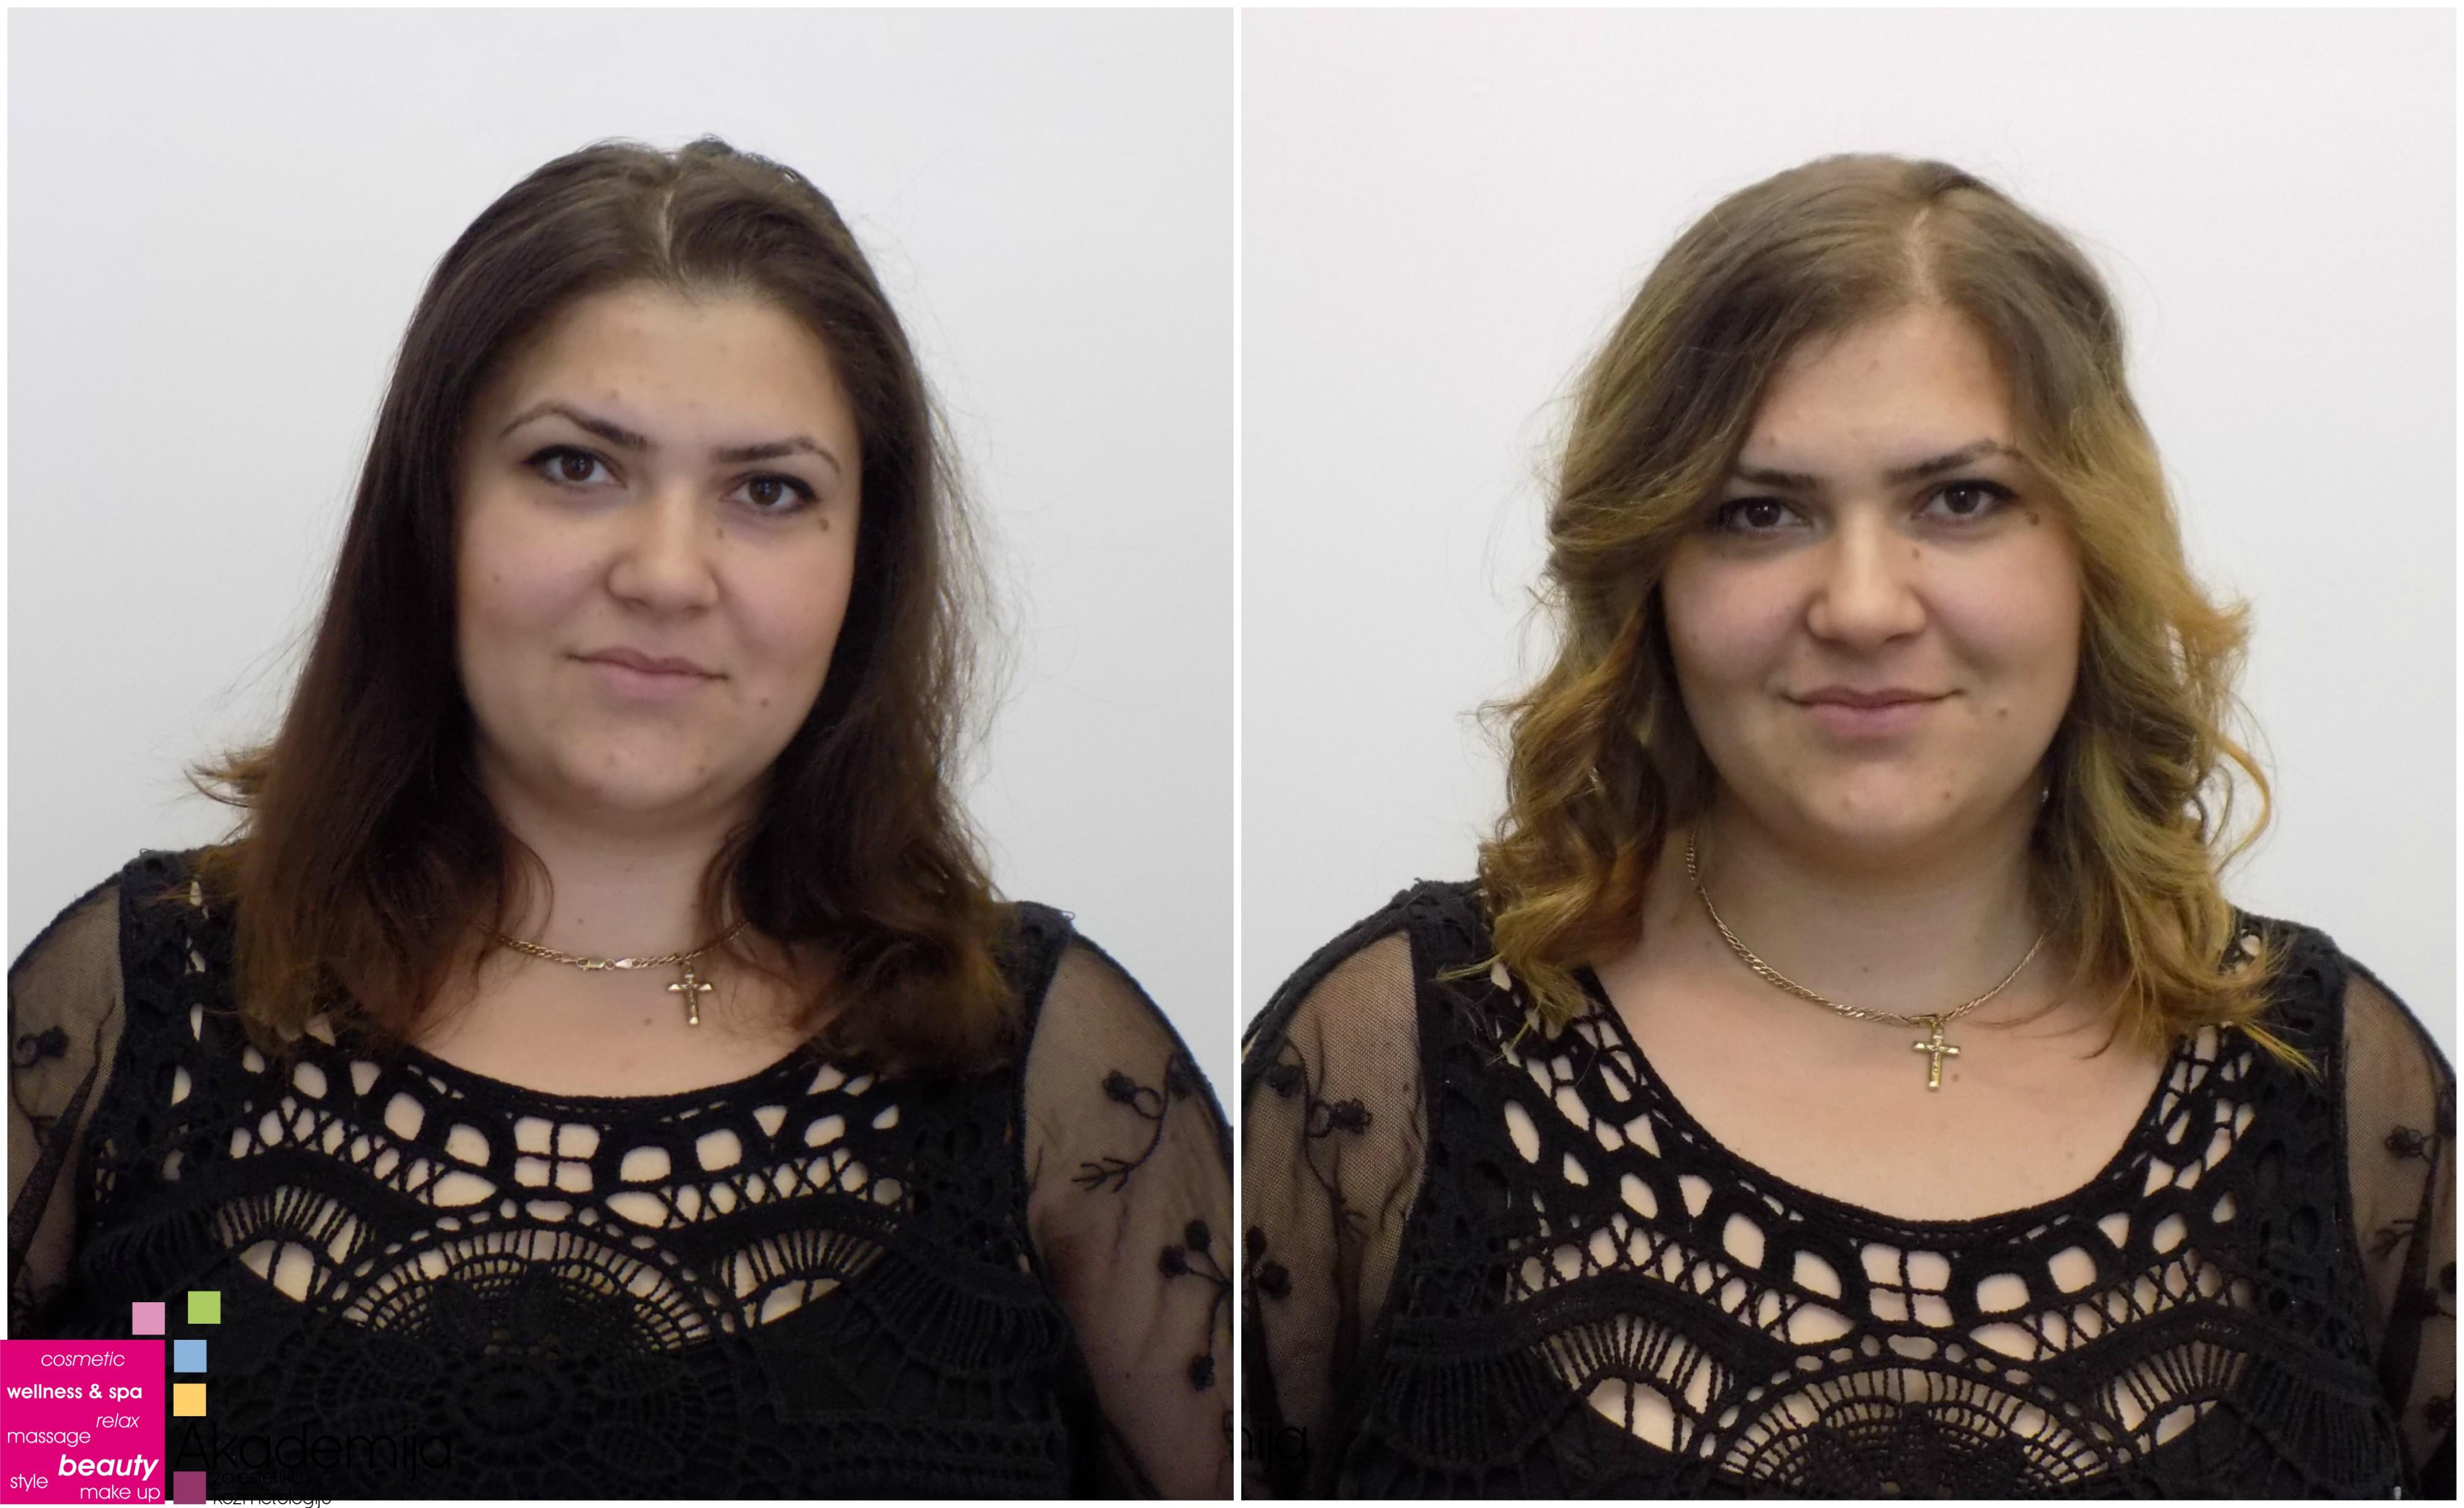 SVETLI PRAMENOVI NA PRIRODNO SMEĐOJ KOSI – polaznici kursa za ženskog frizera na praktičnoj nastavi